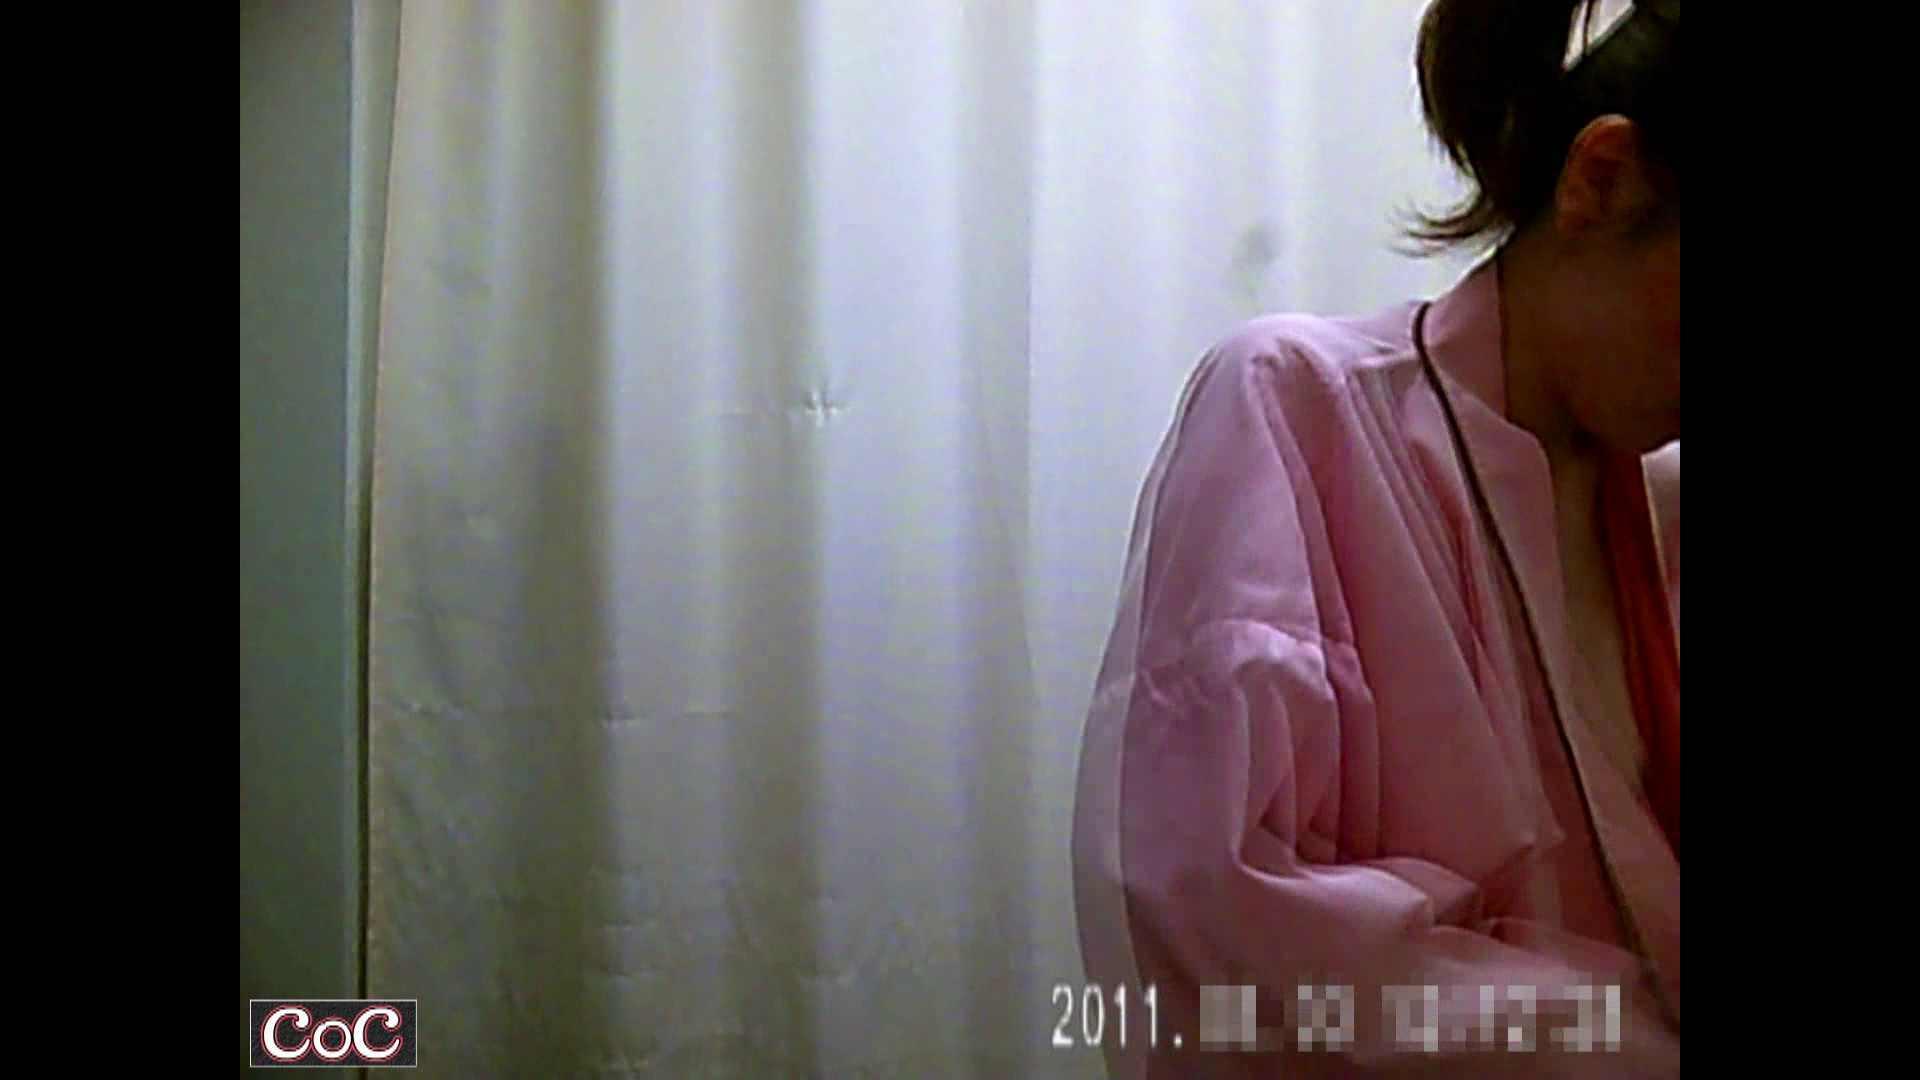 病院おもいっきり着替え! vol.09 乳首 のぞきおめこ無修正画像 89pic 46